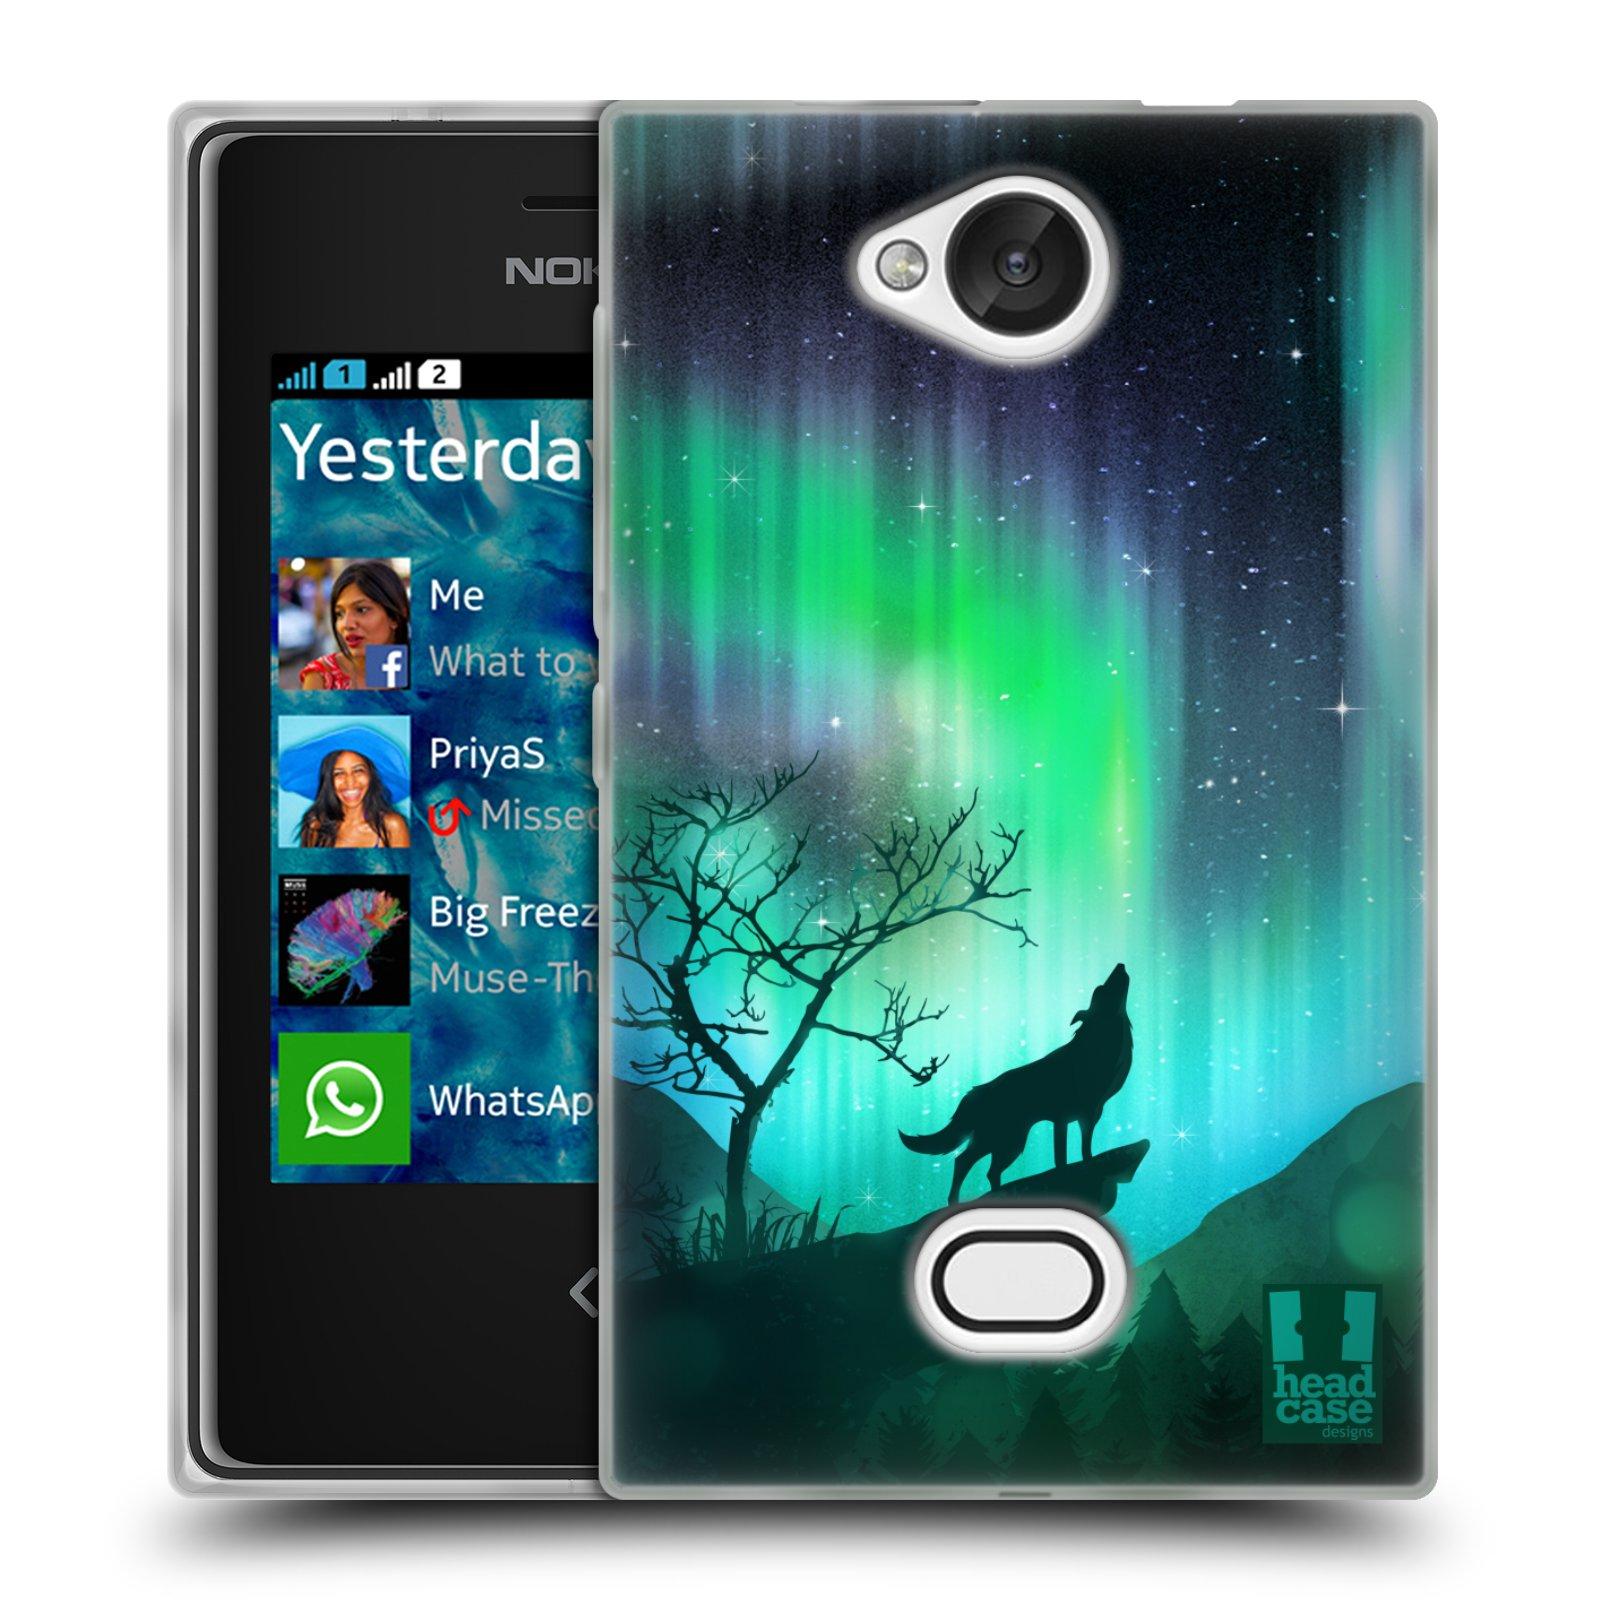 HEAD CASE silikonový obal na mobil NOKIA Asha 503 vzor Severní polární záře VYJÍCÍ VLK ZELENÁ